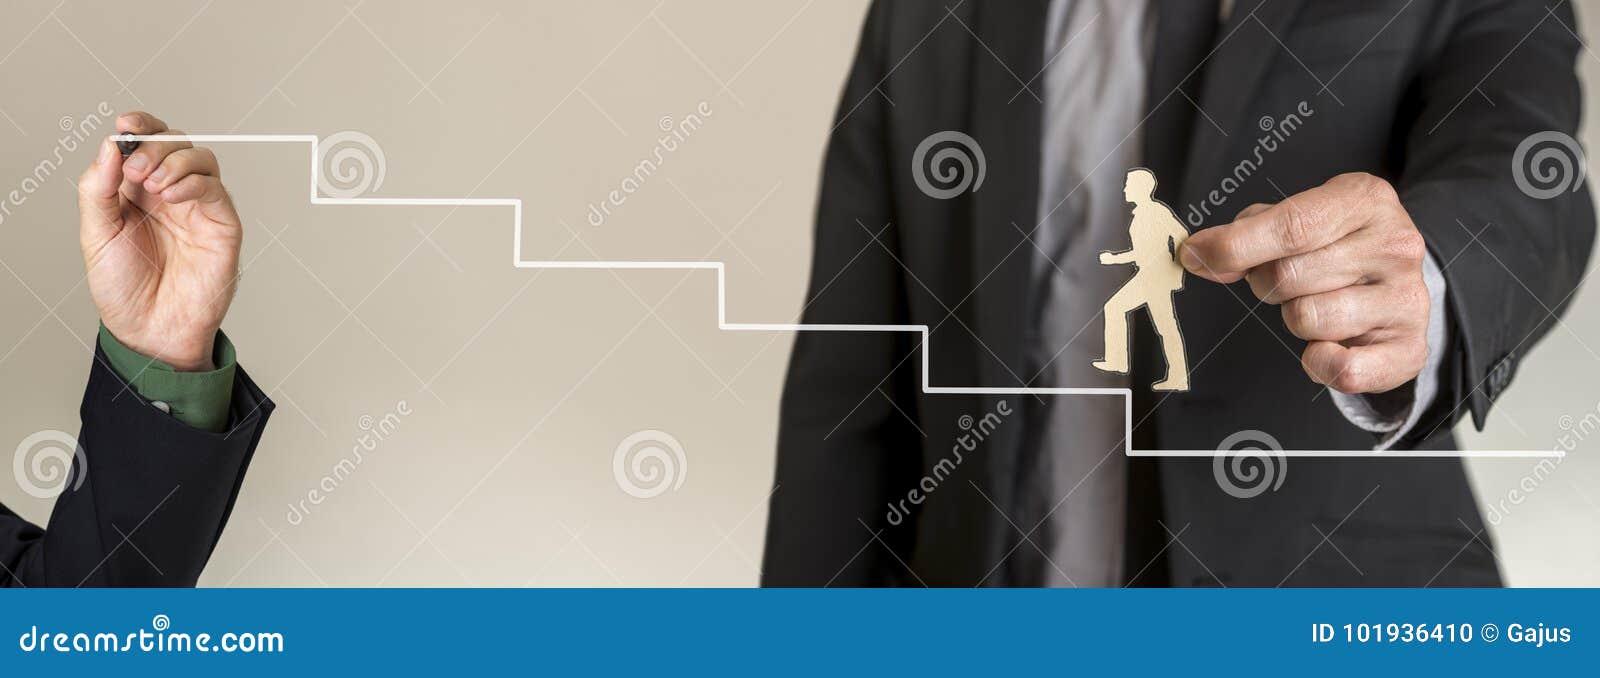 Klättra den företags stegen till framgång